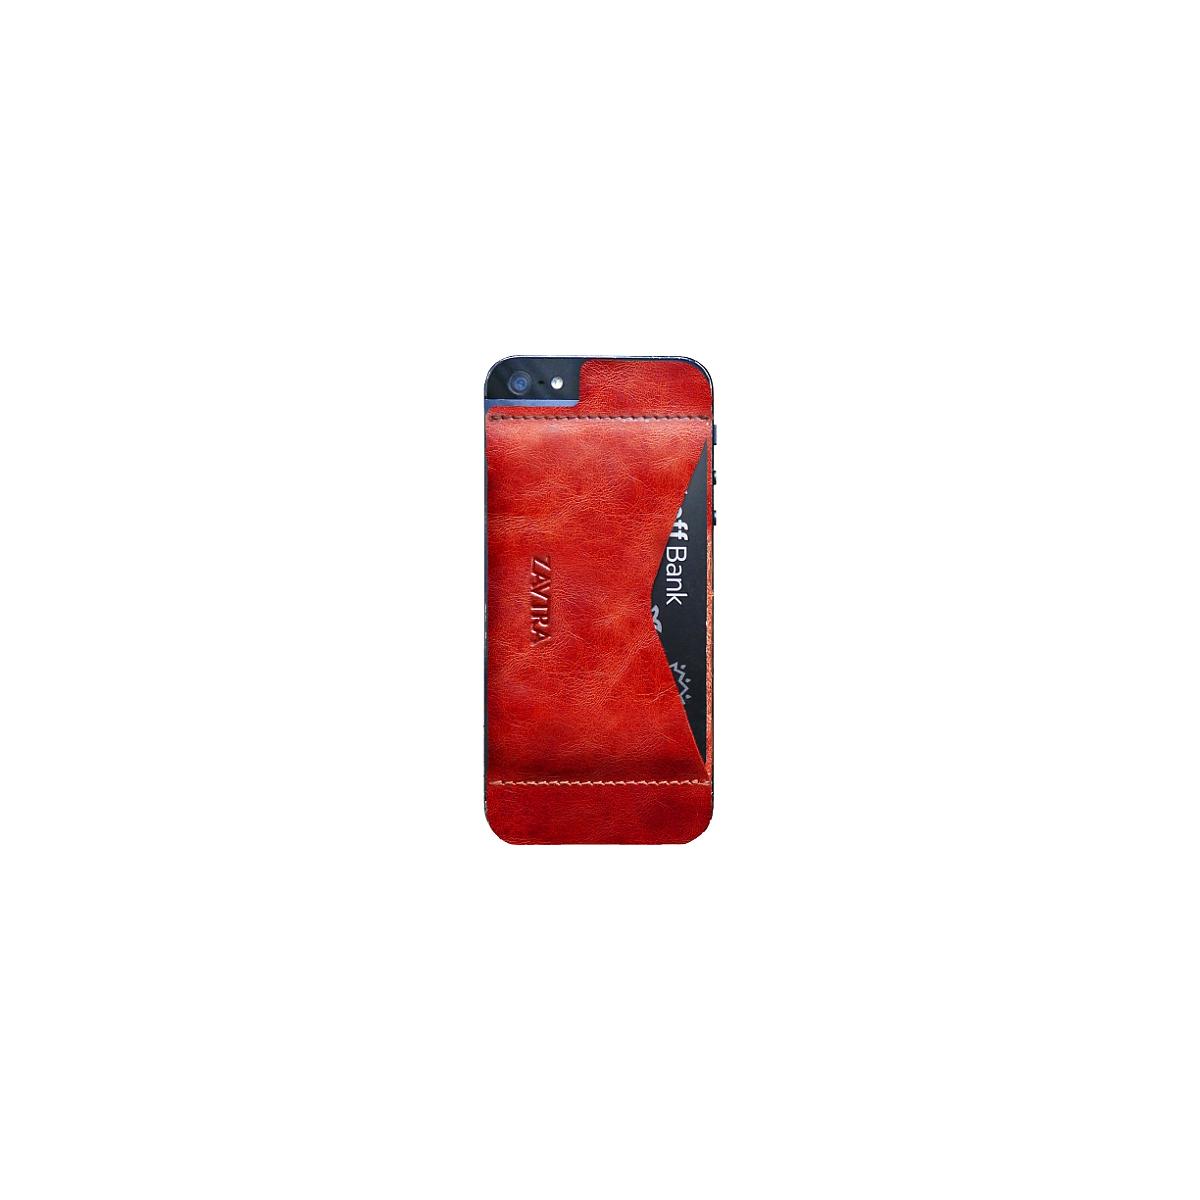 Кошелек-накладка для телефона Zavtra, цвет: красный. zav02i5redzav02i5redДеньги изменились, а кошельки – нет. Сегодня не нужно носить с собой «котлеты» наличных или стопки кредитных карт, а большинство платежей можно сделать с помощью мобильного телефона. Мы решили сделать кошелёк, который отвечает запросам современного мира. Оригинальный формат продиктован изменившимся миром. Телефон и платежи теперь становятся по-настоящему неразделимы. Поэтому мы соединили финансы и смартфон в оригинальном и супер-удобном кошельке-накладке Zavtra.